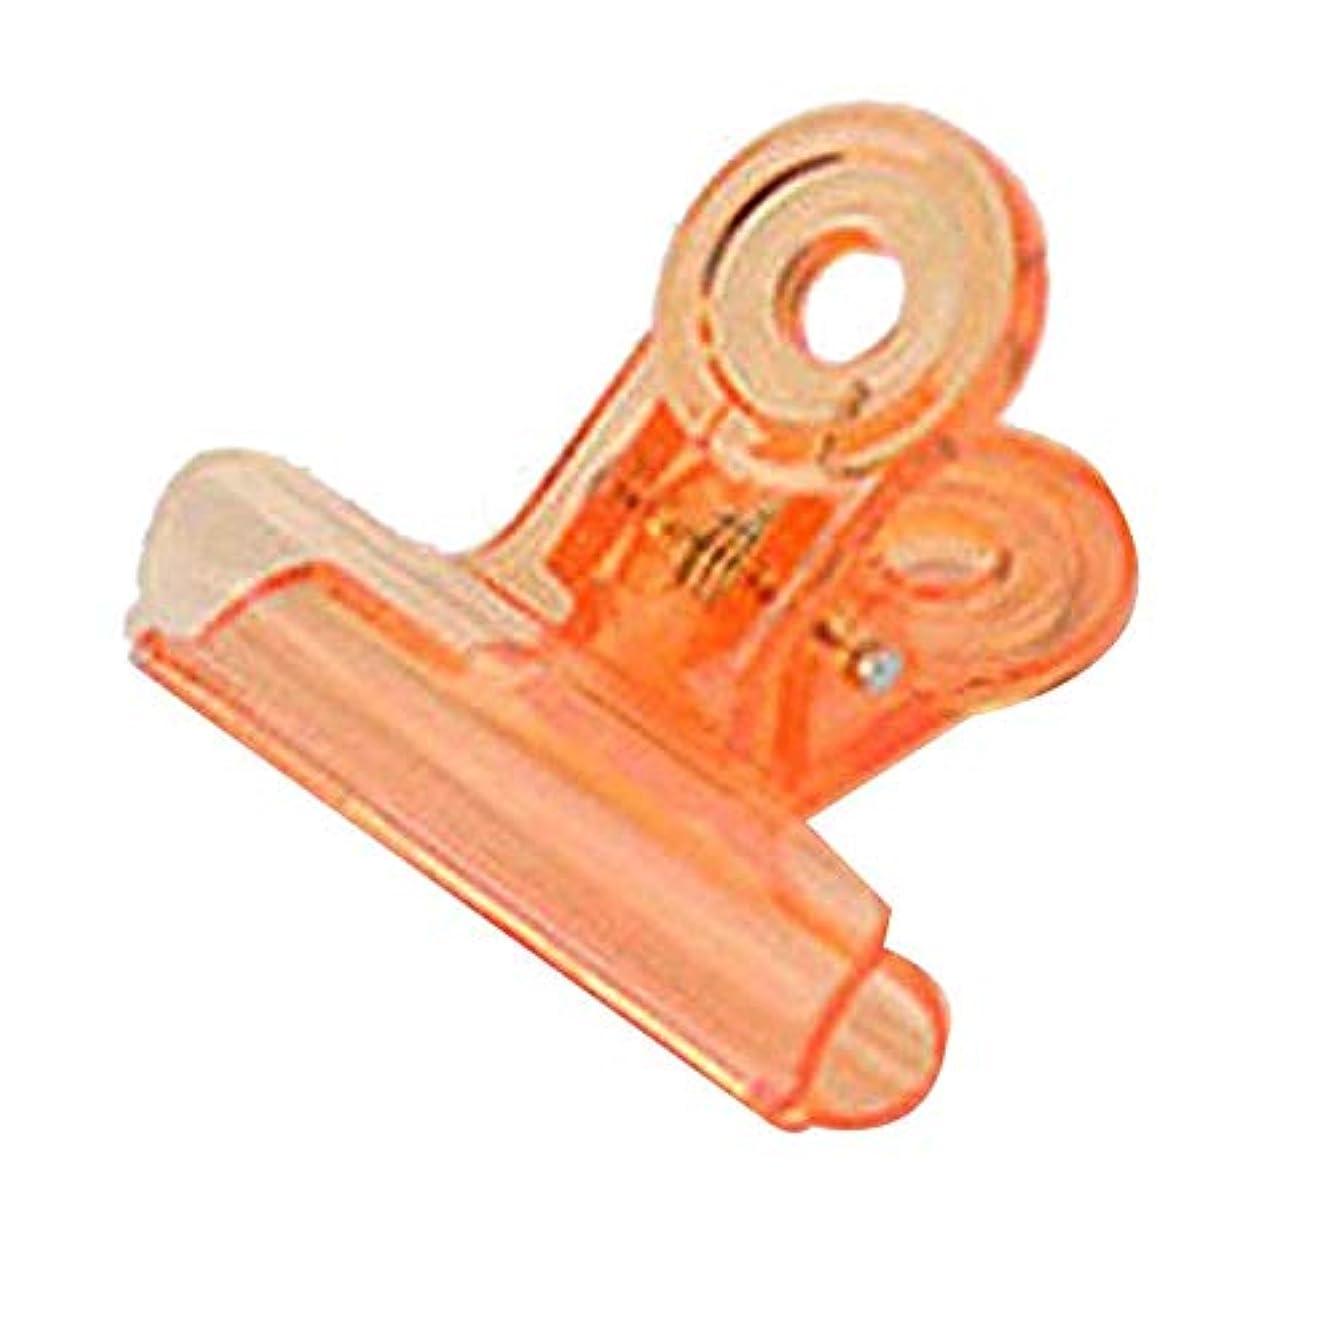 株式会社堂々たる分析的CUHAWUDBA カーブネイルピンチクリップツール多機能プラスチック爪 ランダムカラー(オレンジ)